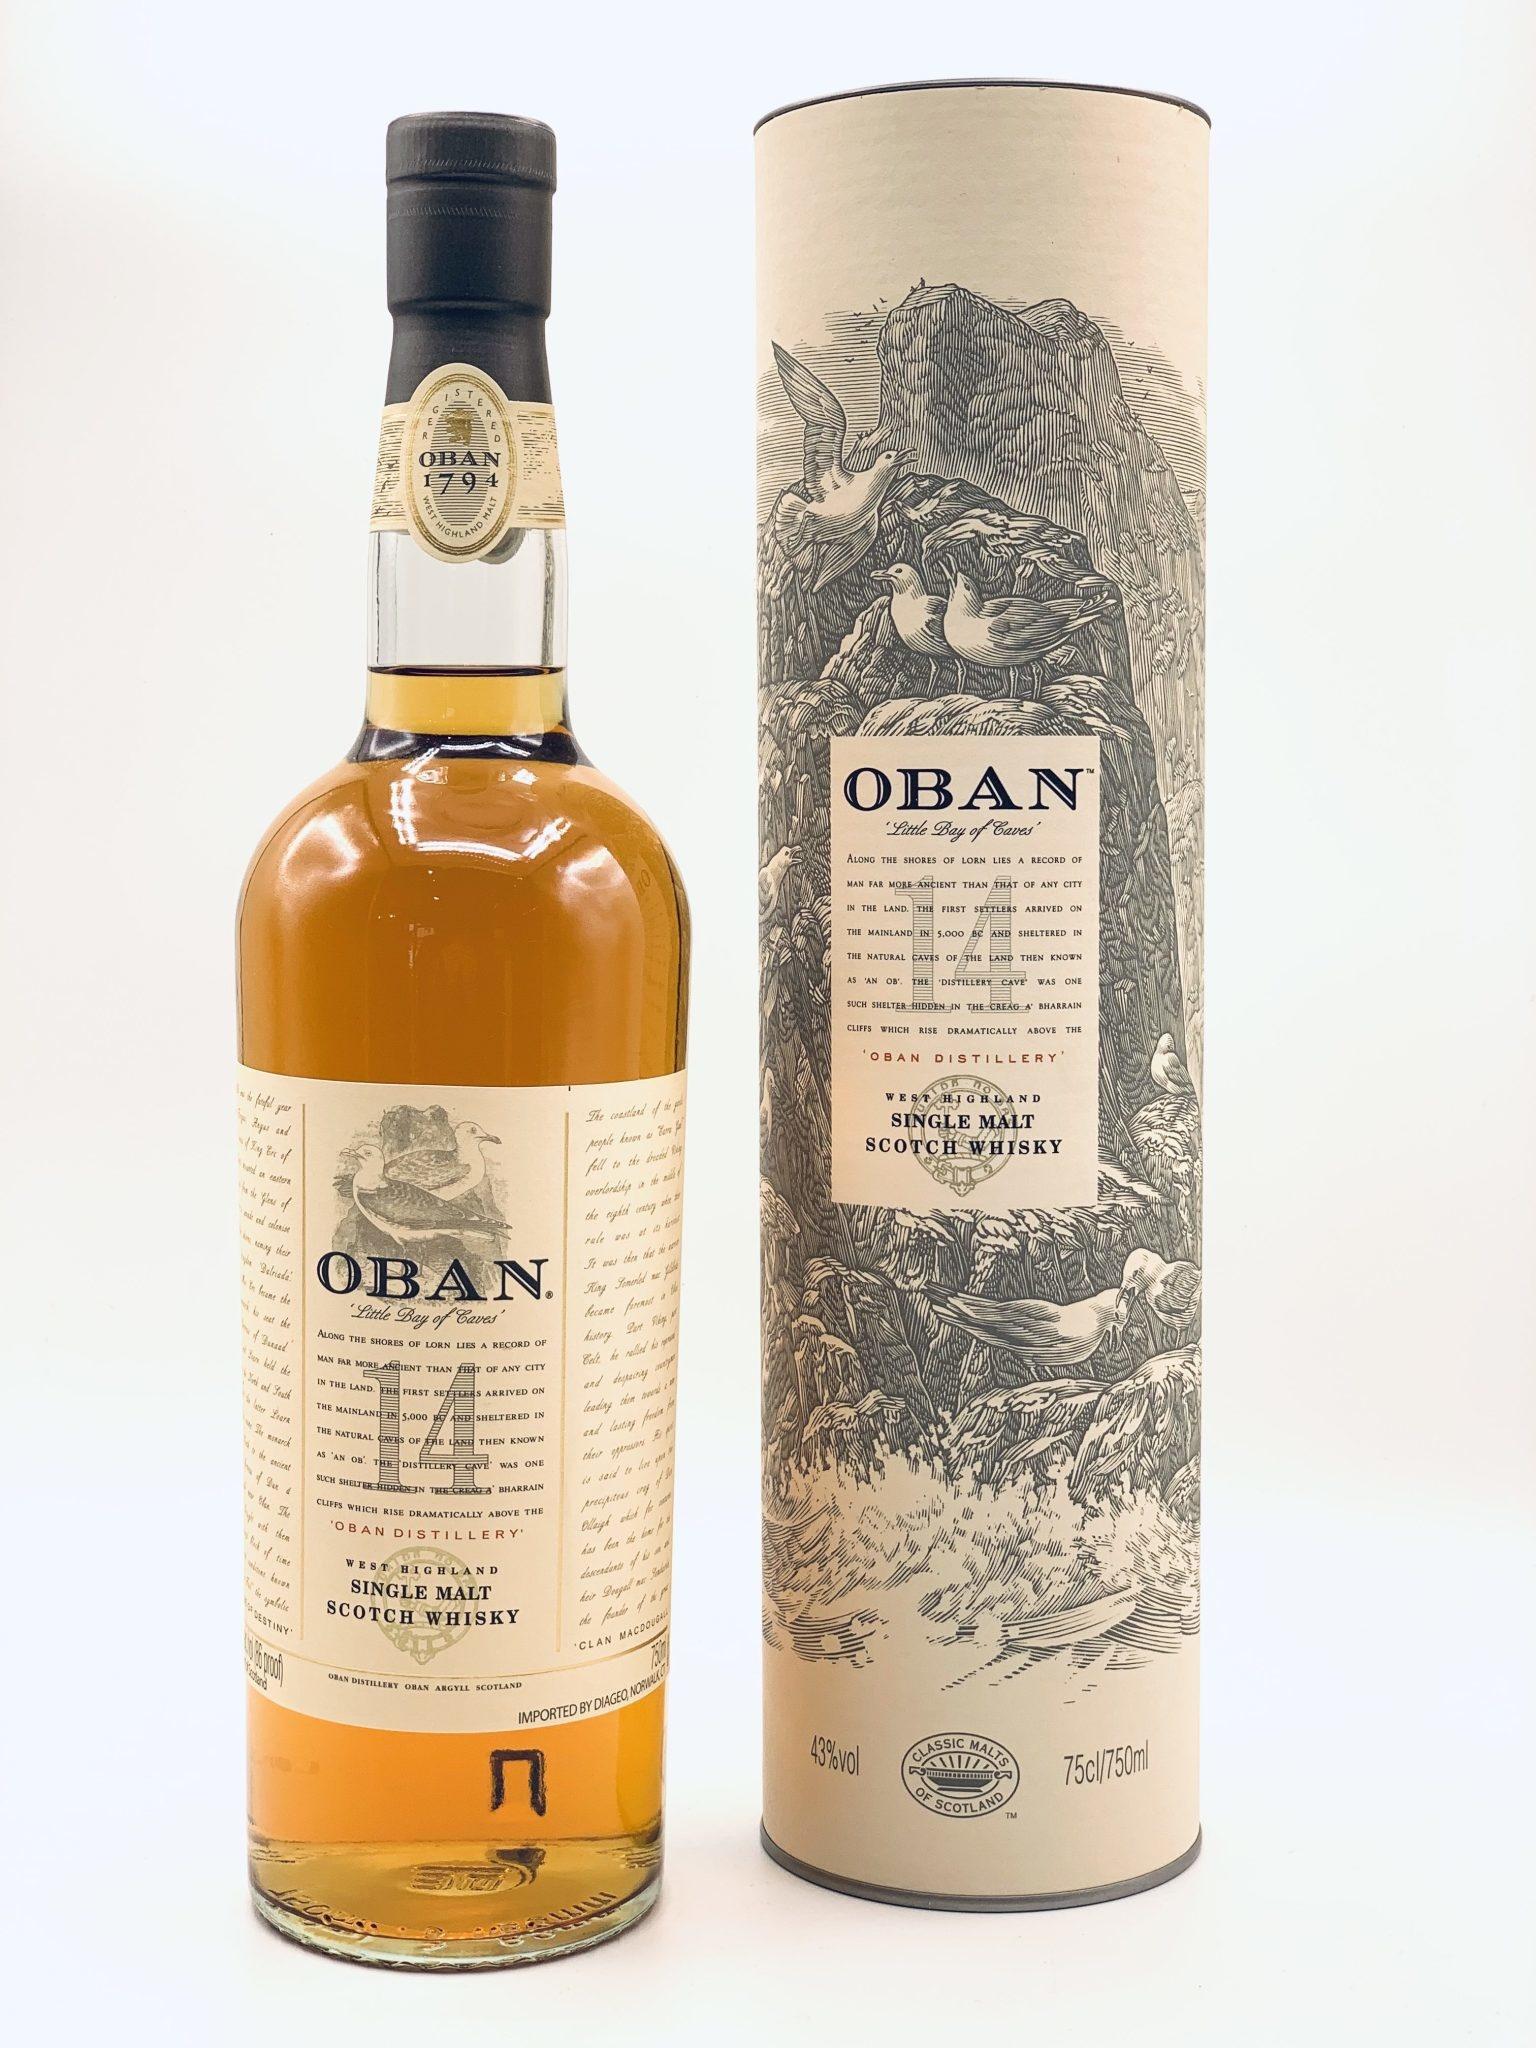 Oban Distillery 14yr Highland Single Malt Scotch Whisky 750ml (86 proof)